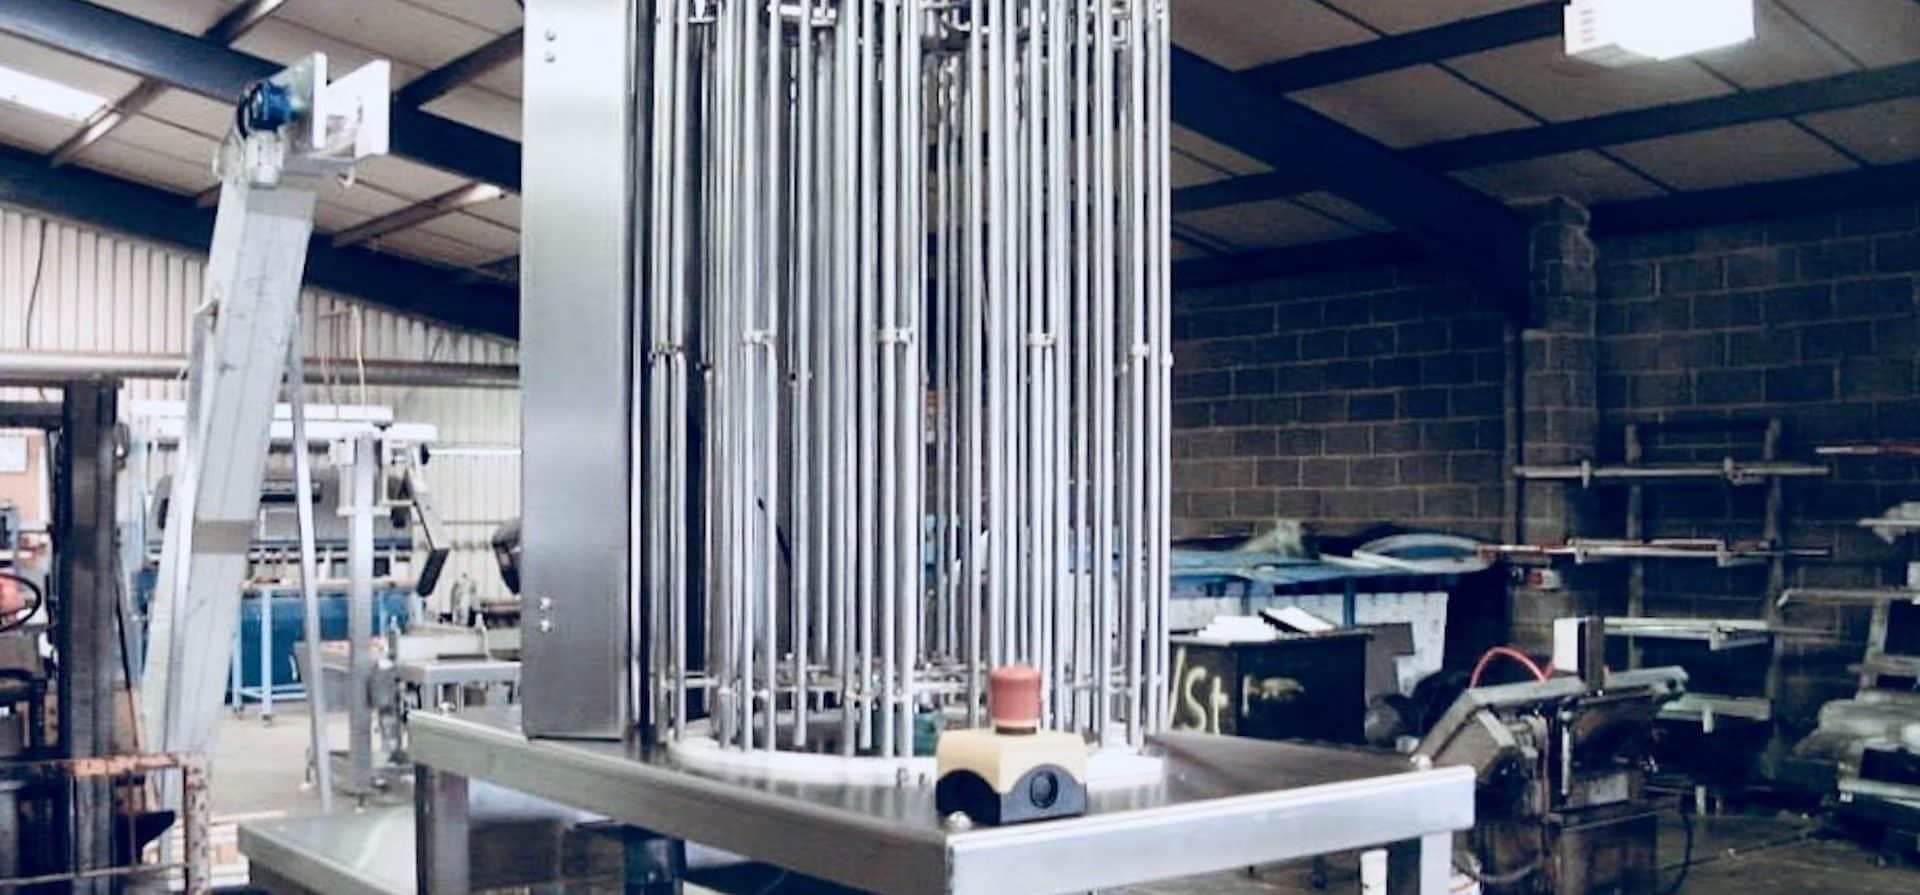 Custom / Bespoke Machinery   Euroflow Automation Ltd